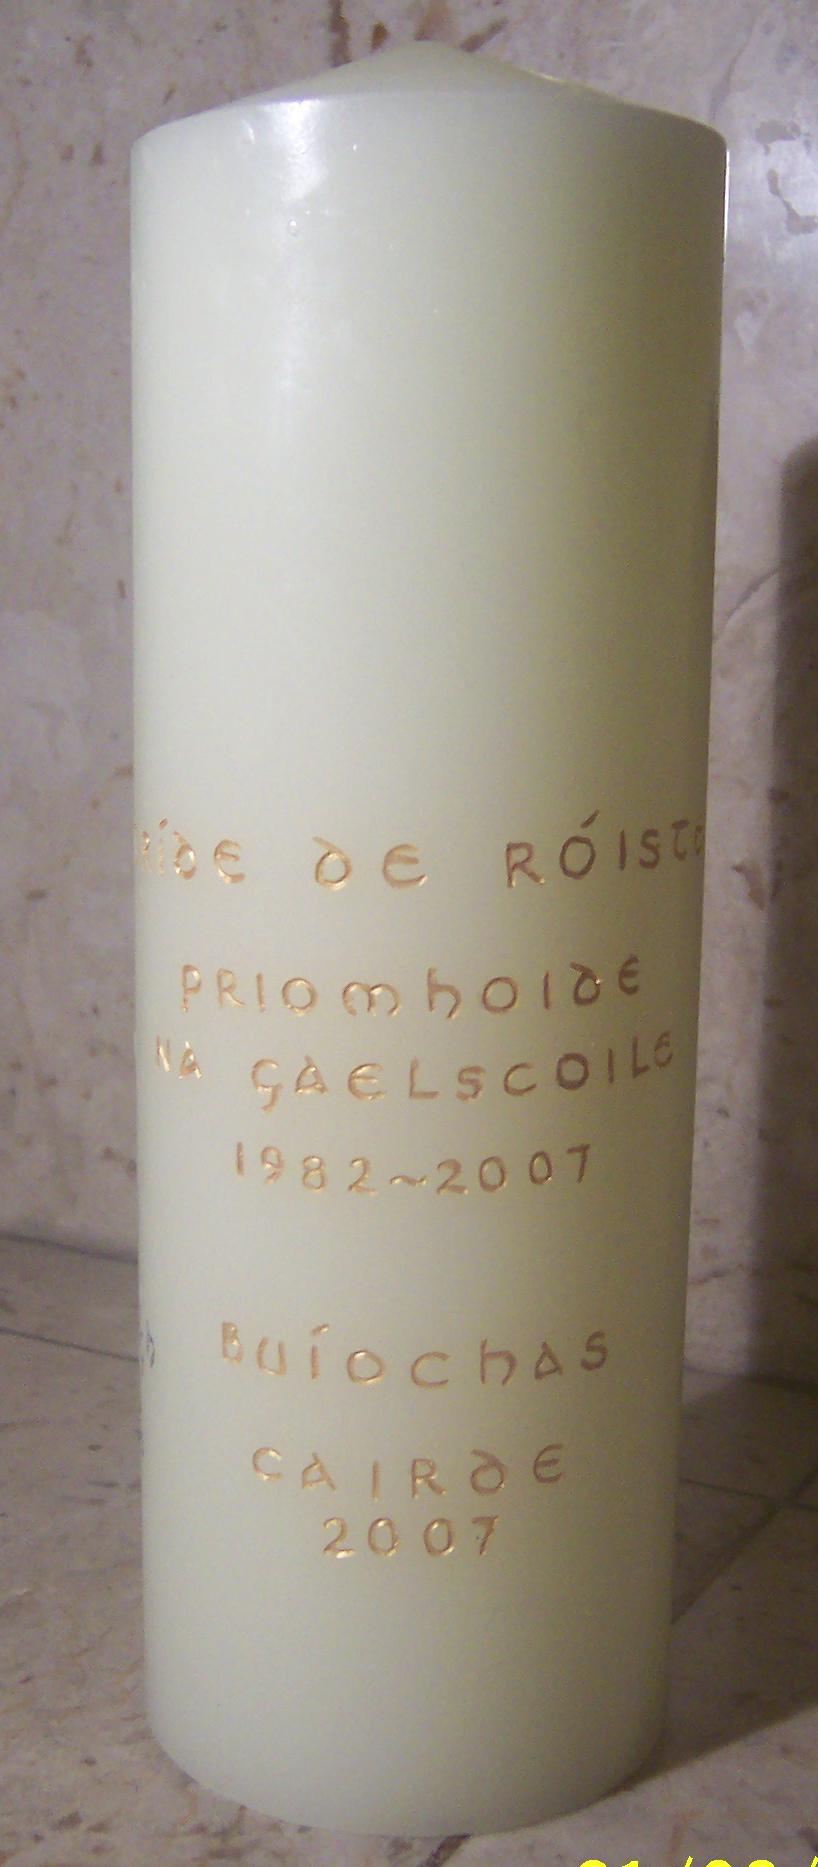 Gaelscoil (back)